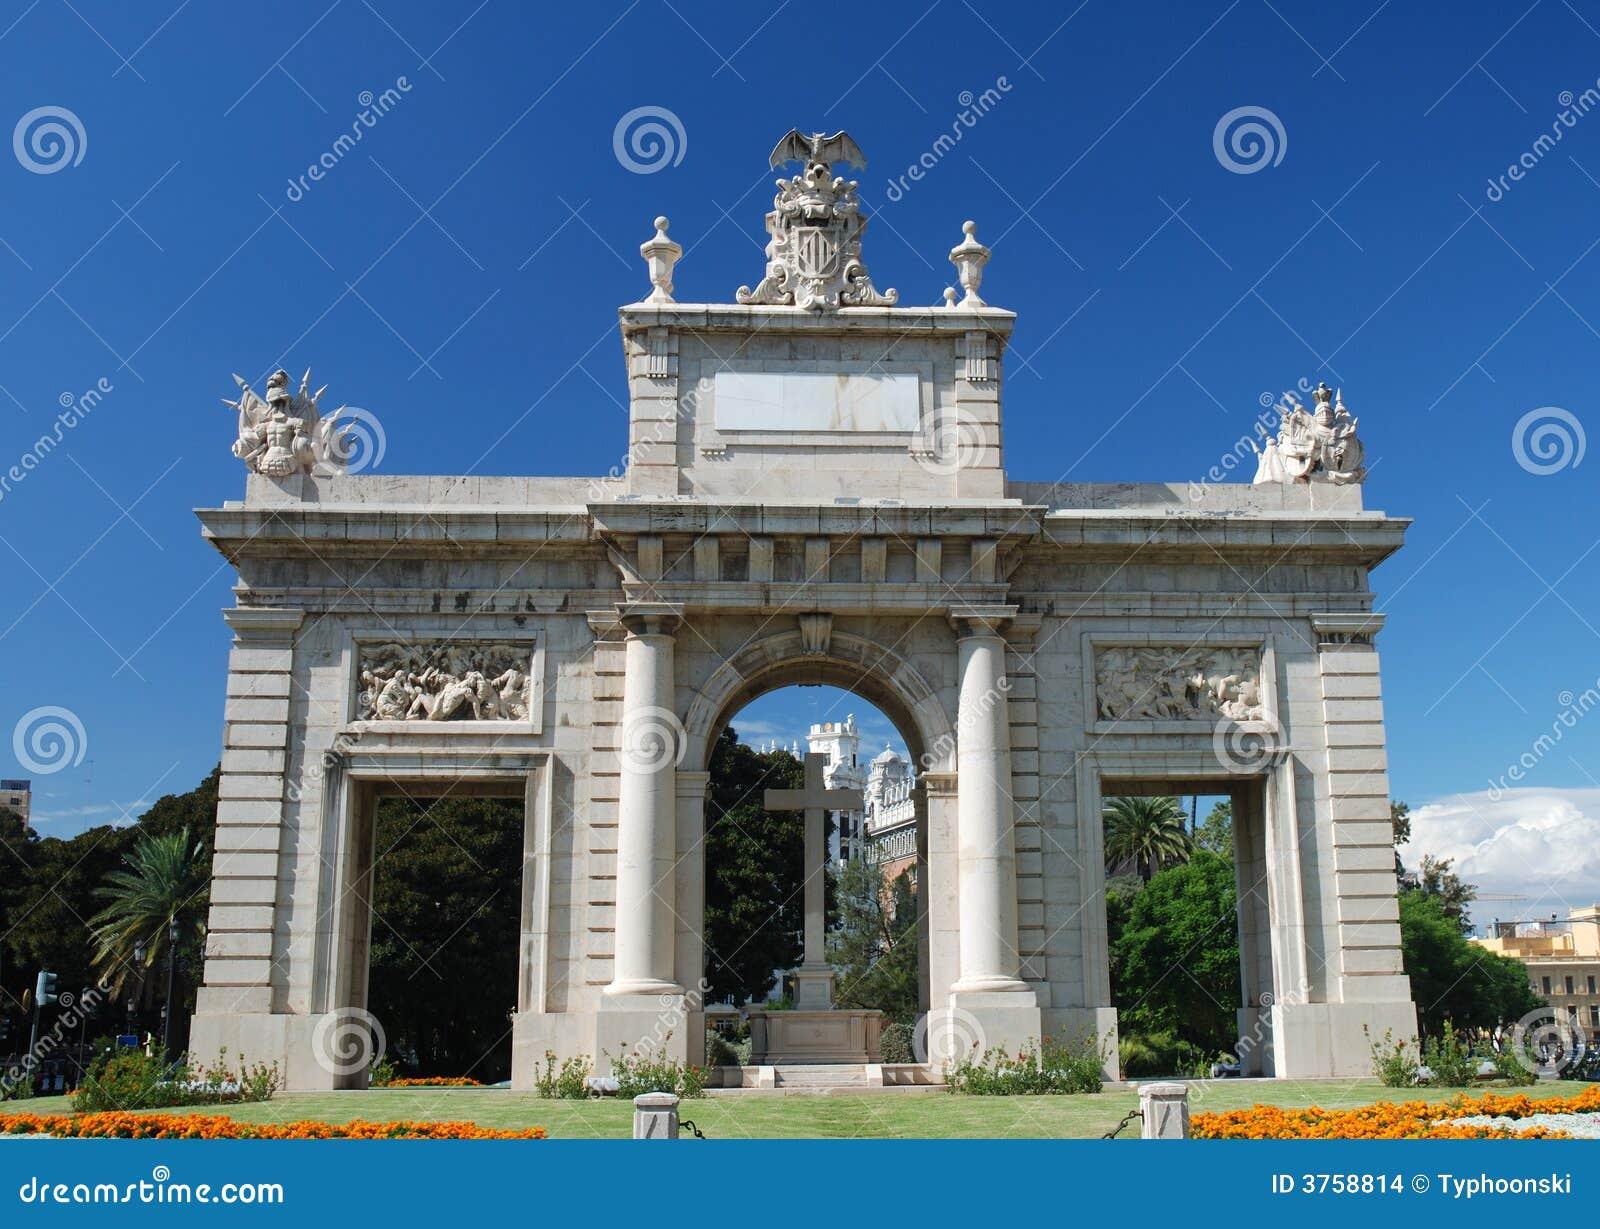 Triumphal Arch in Valencia